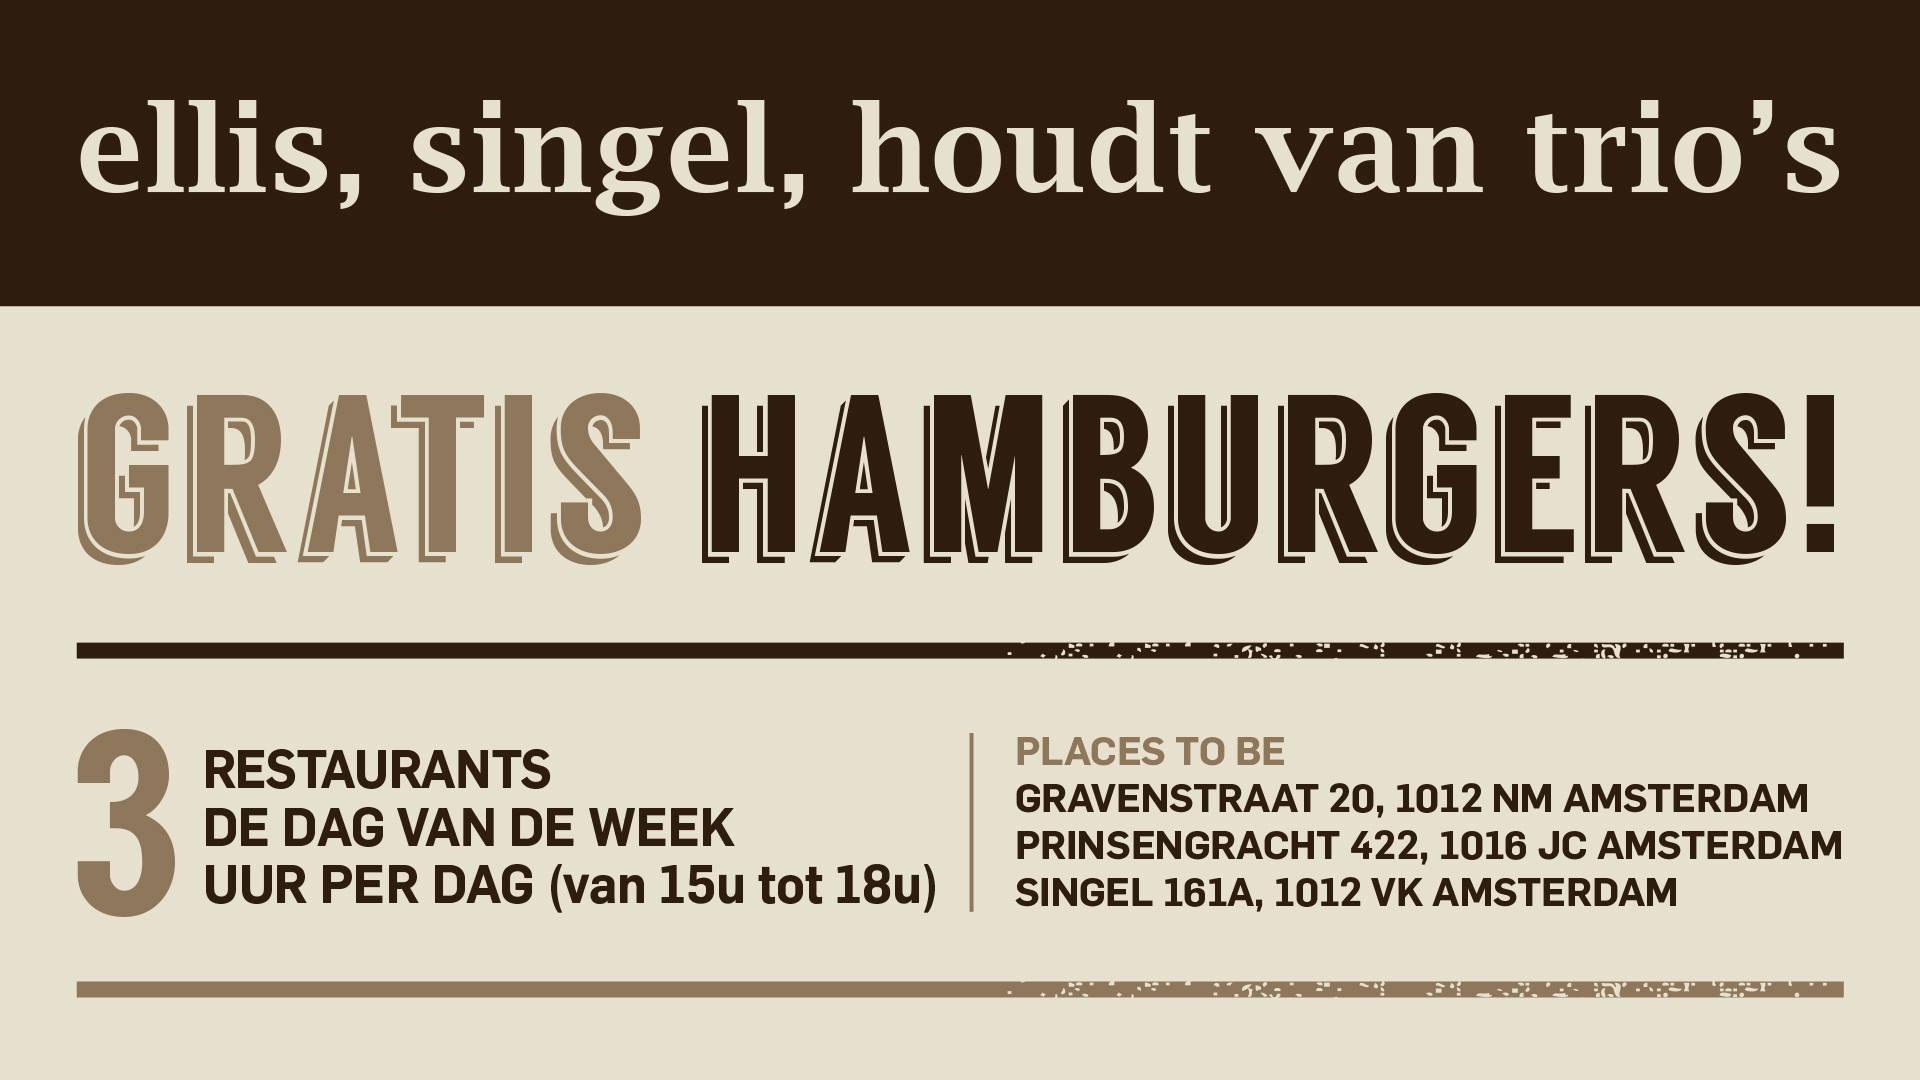 GRATIS hamburgers bij alle drie de Ellis Gourmet Burgers vestigingen (Amsterdam), vandaag (18 juli) en volgende week (25 juli) tussen 15.00 en 18.00.